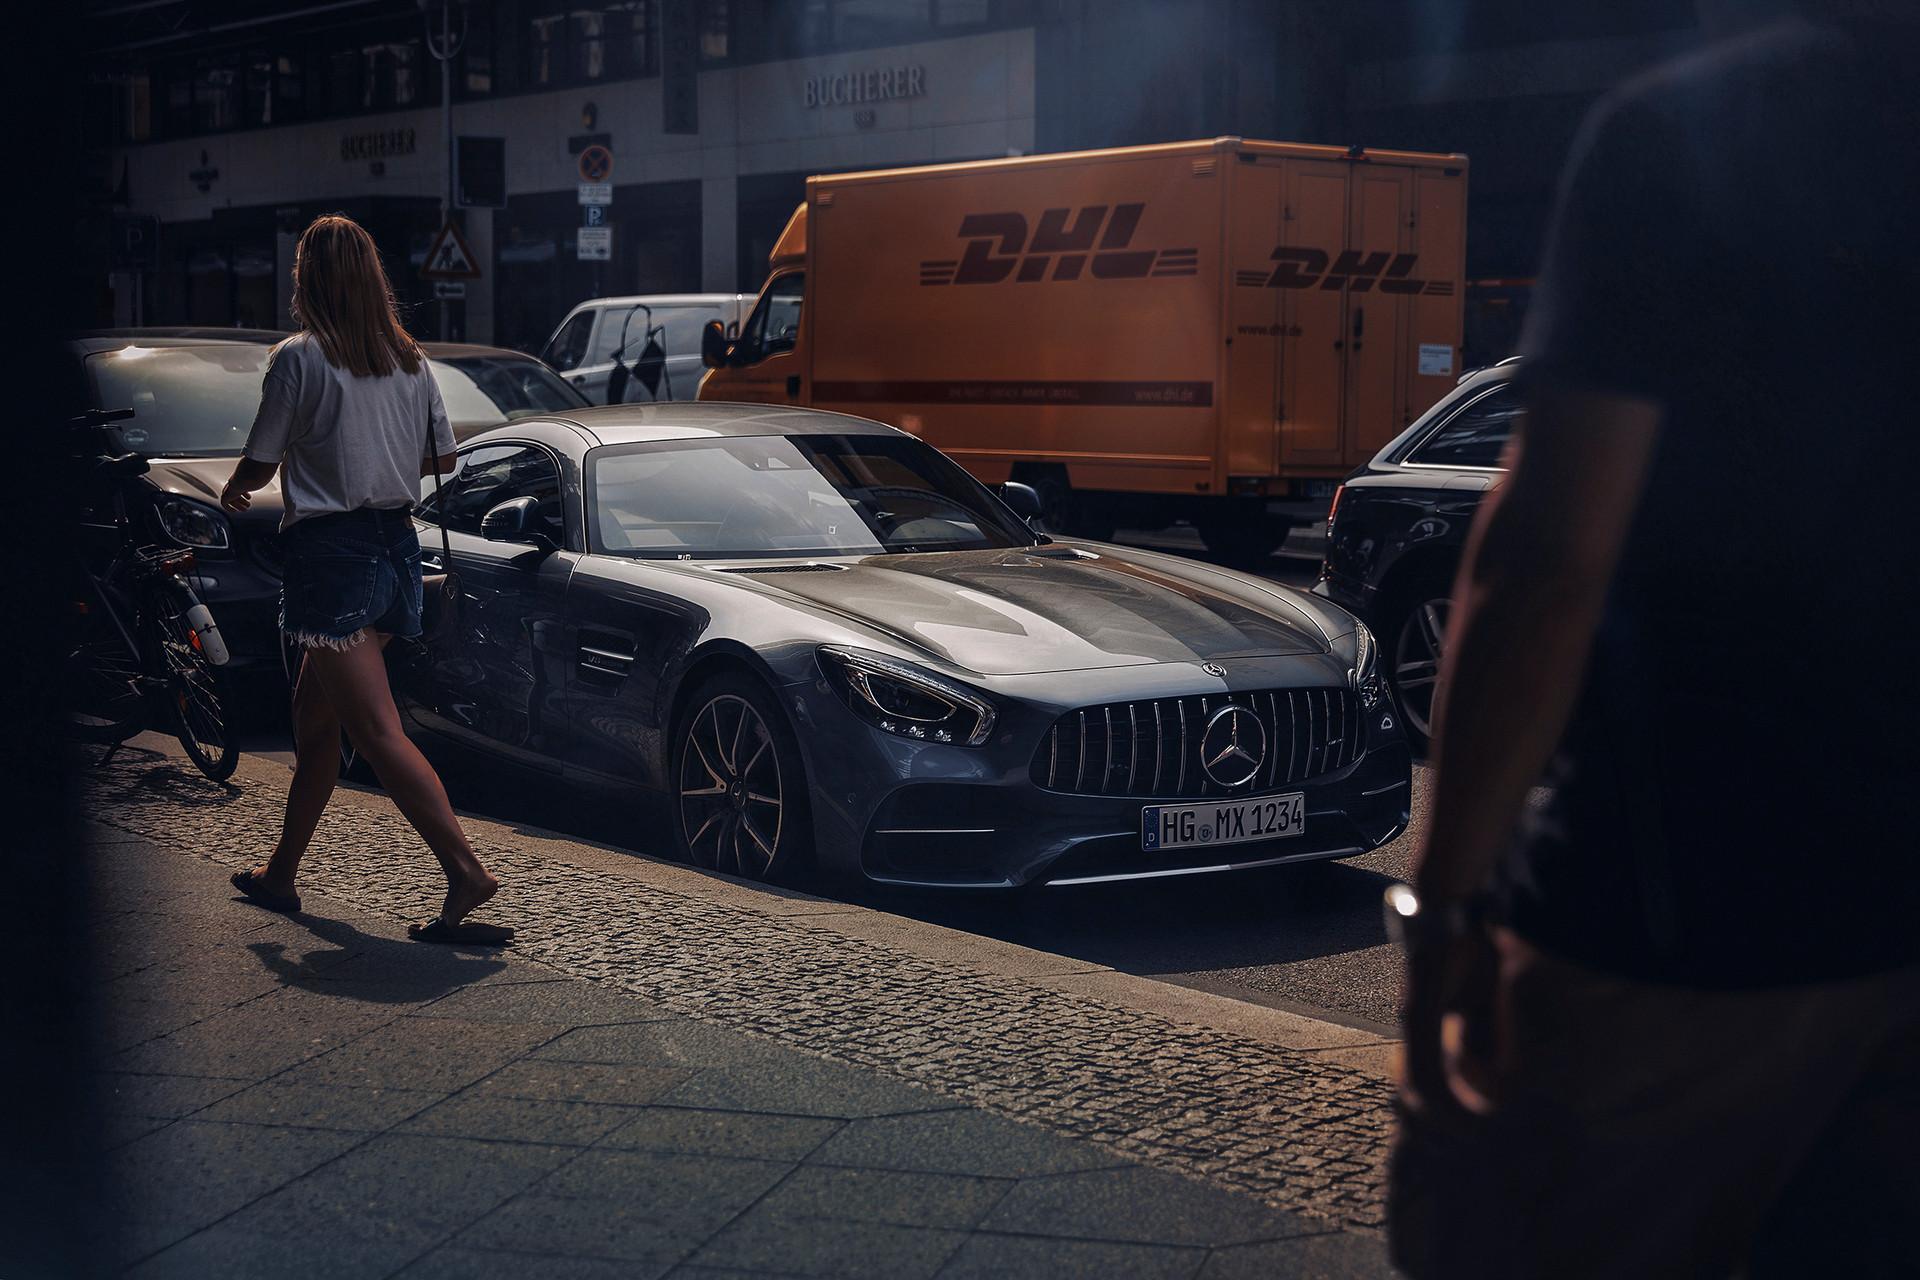 Mercedes_GT_3_fin_1500px.jpg